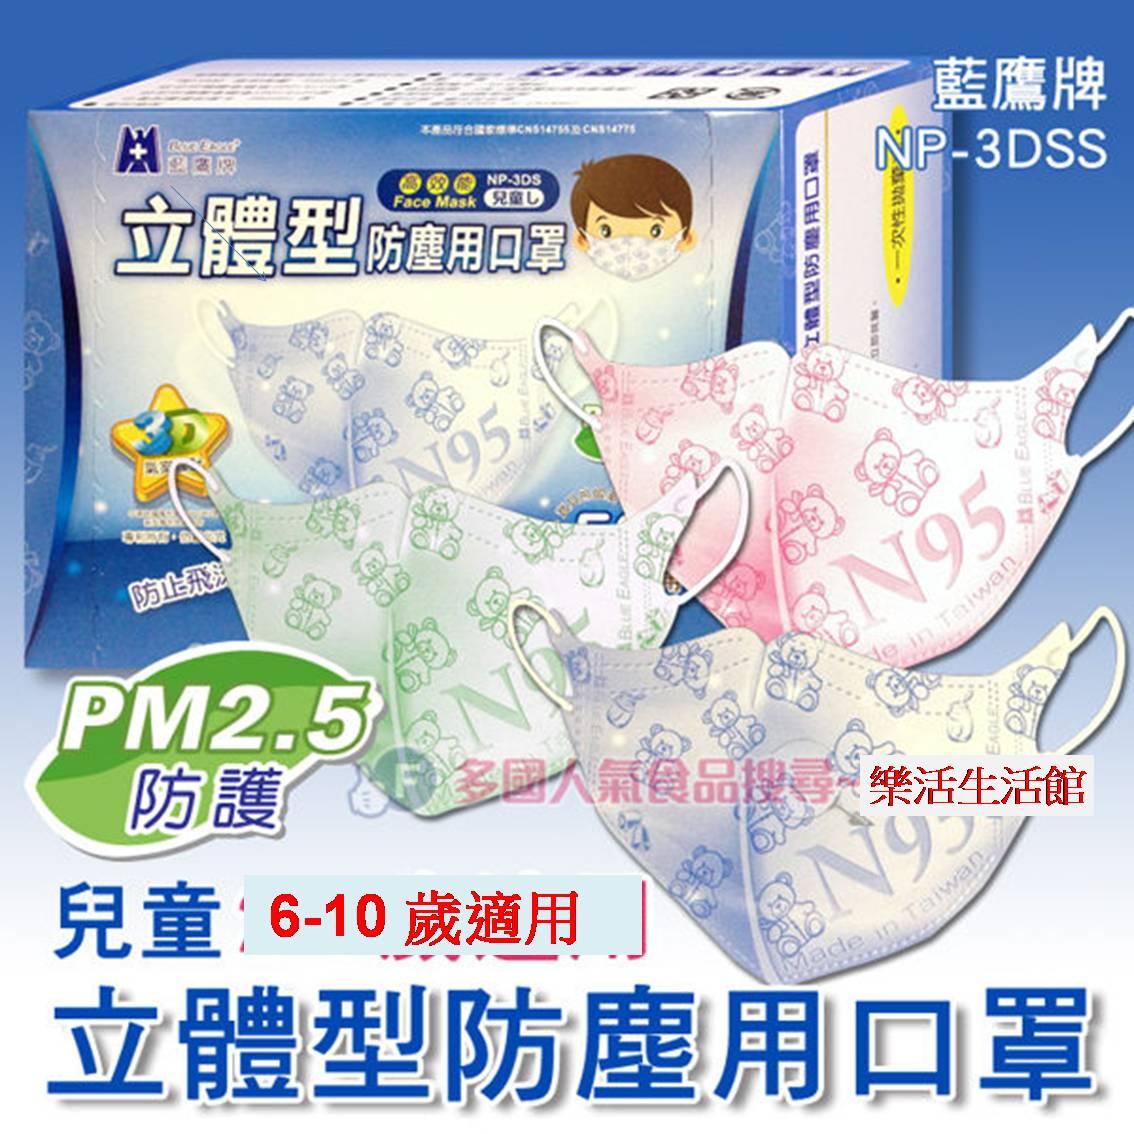 ↘下殺$185 藍鷹牌3D立體型防塵用口罩 防沙塵/粉塵/花粉/塵? (6 -10 兒童用) 藍色/粉色/綠色 【樂活生活館】